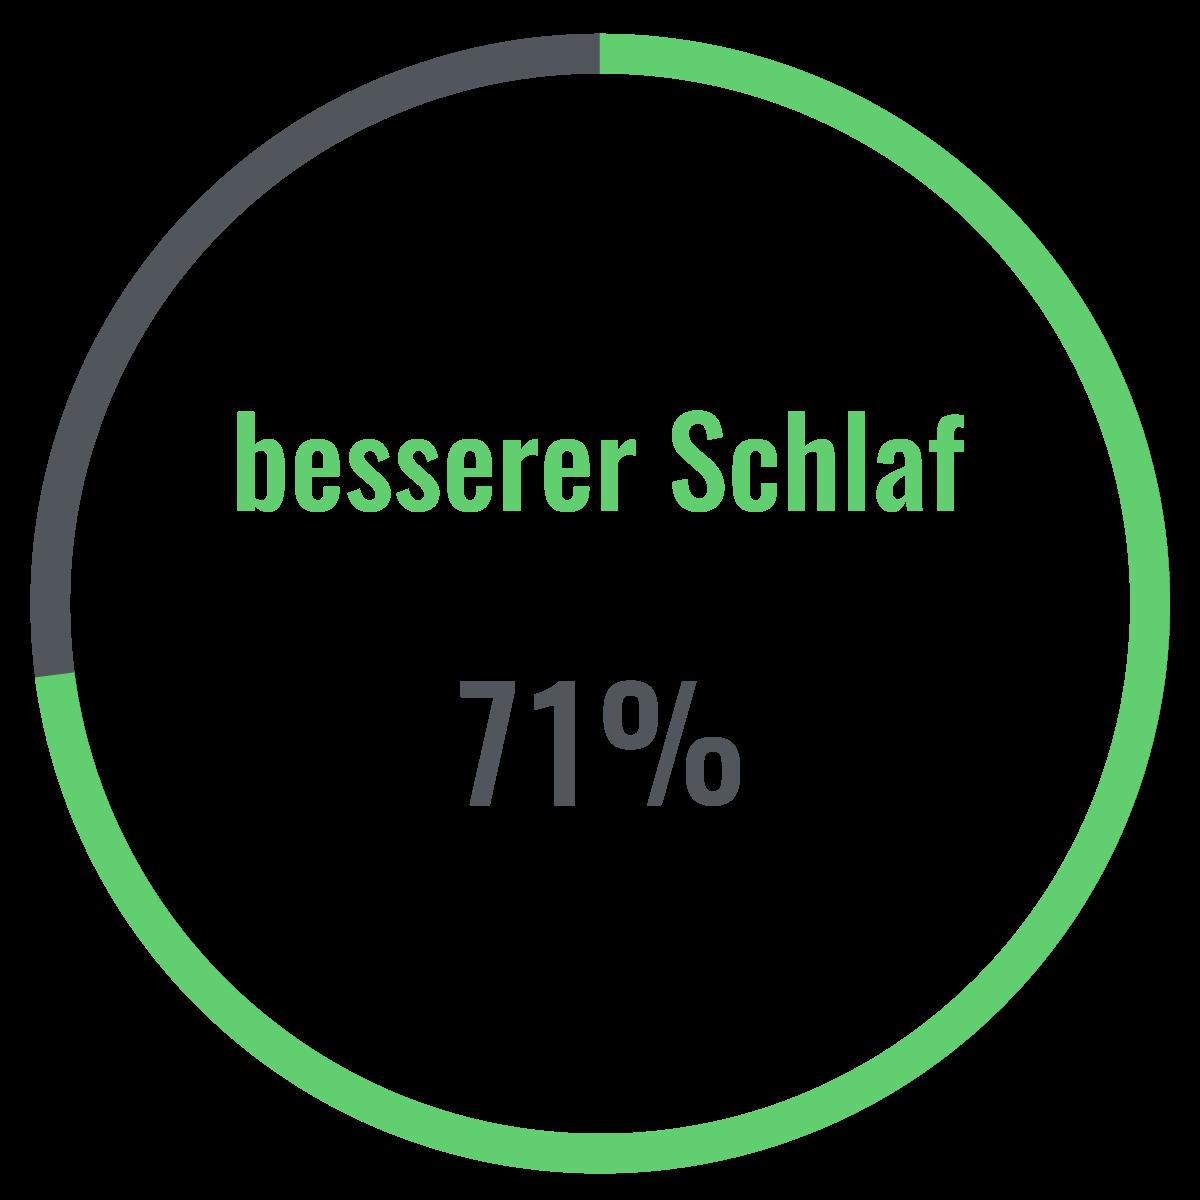 Alkohol-Pause mit Bierfreichallenge: Besserer Schlaf durch Alkohol-Pause. Skill Bar, Grafik.